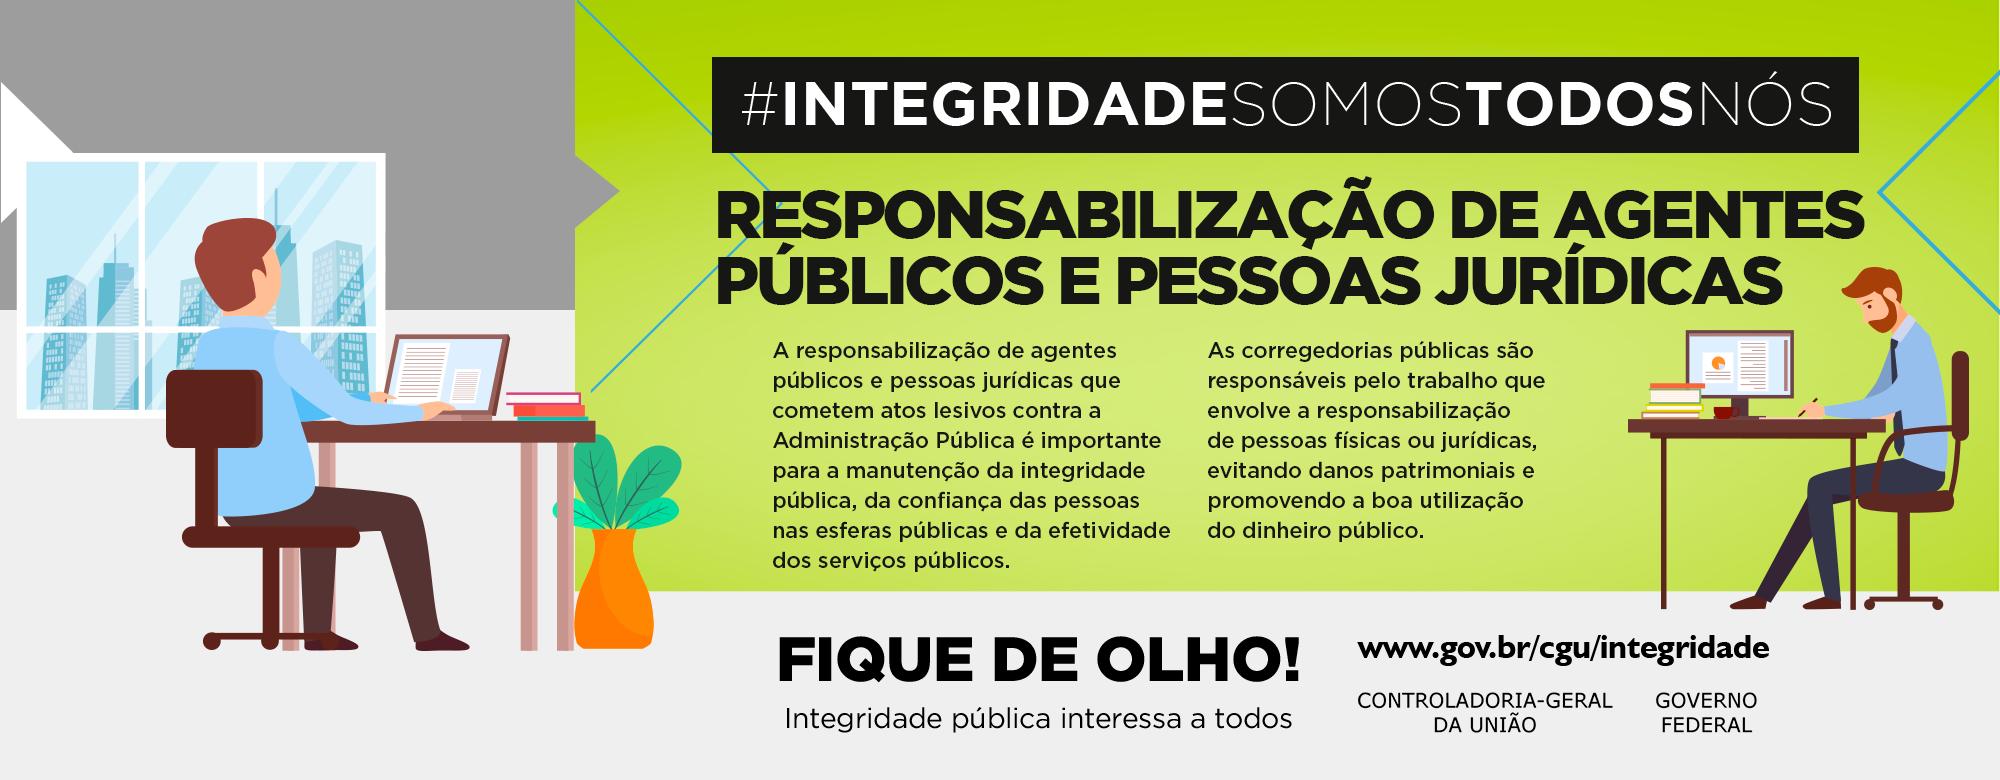 #INTEGRIDADESOMOSTODOSNÓS: Responsabilização